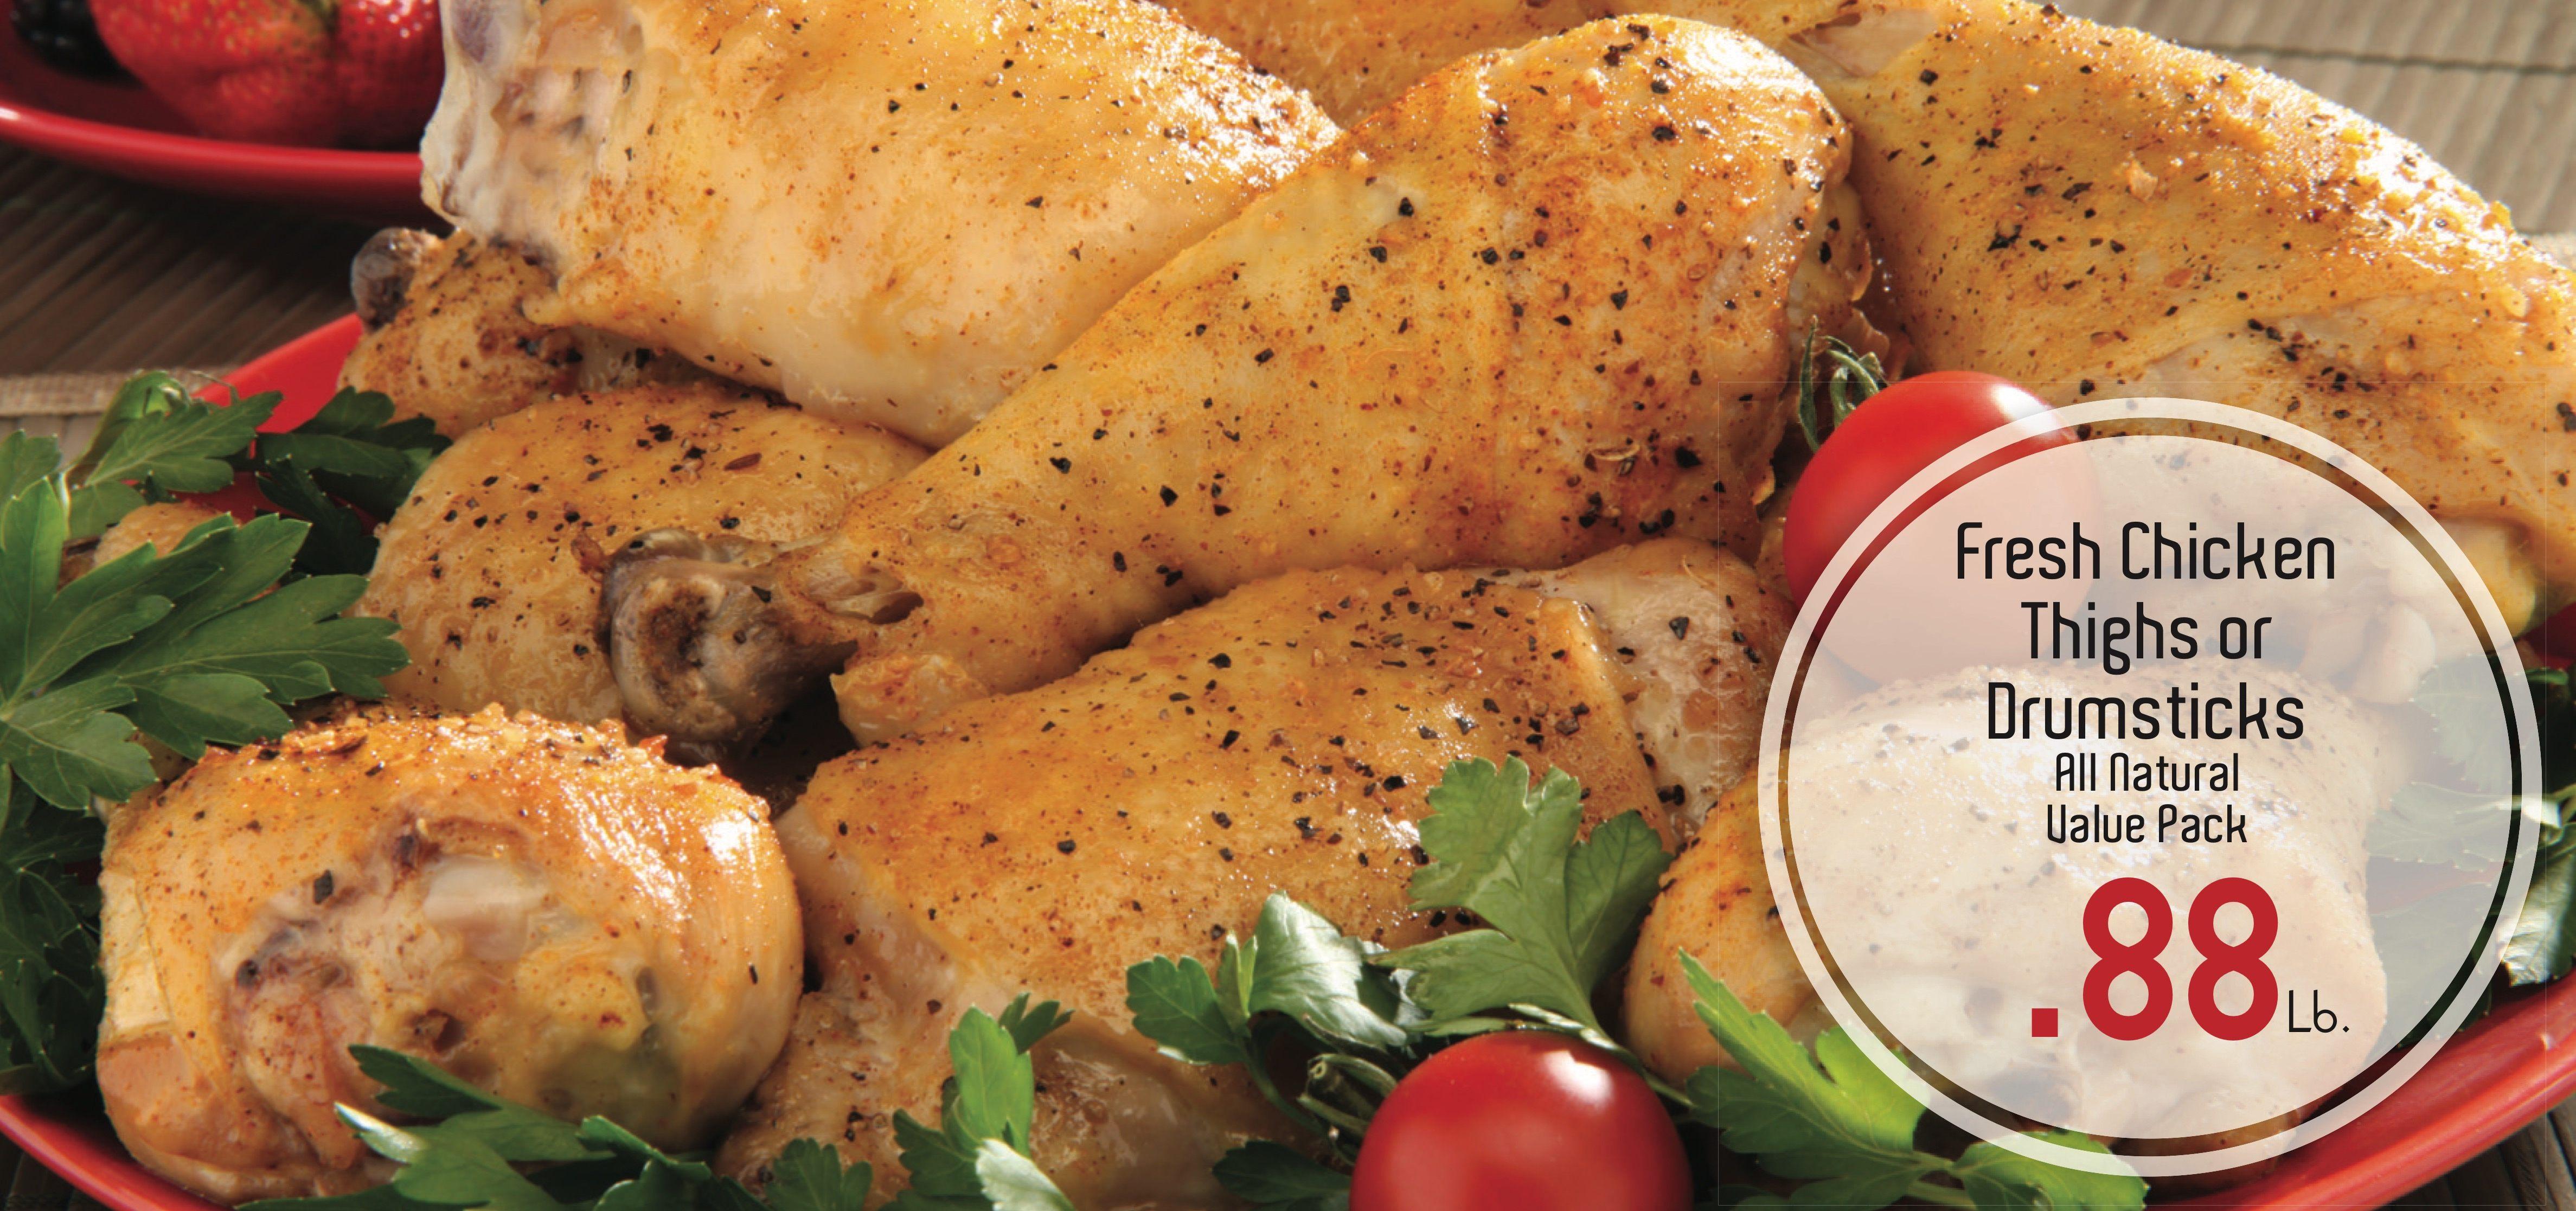 Fresh Chicken Thighs or Drumsticks